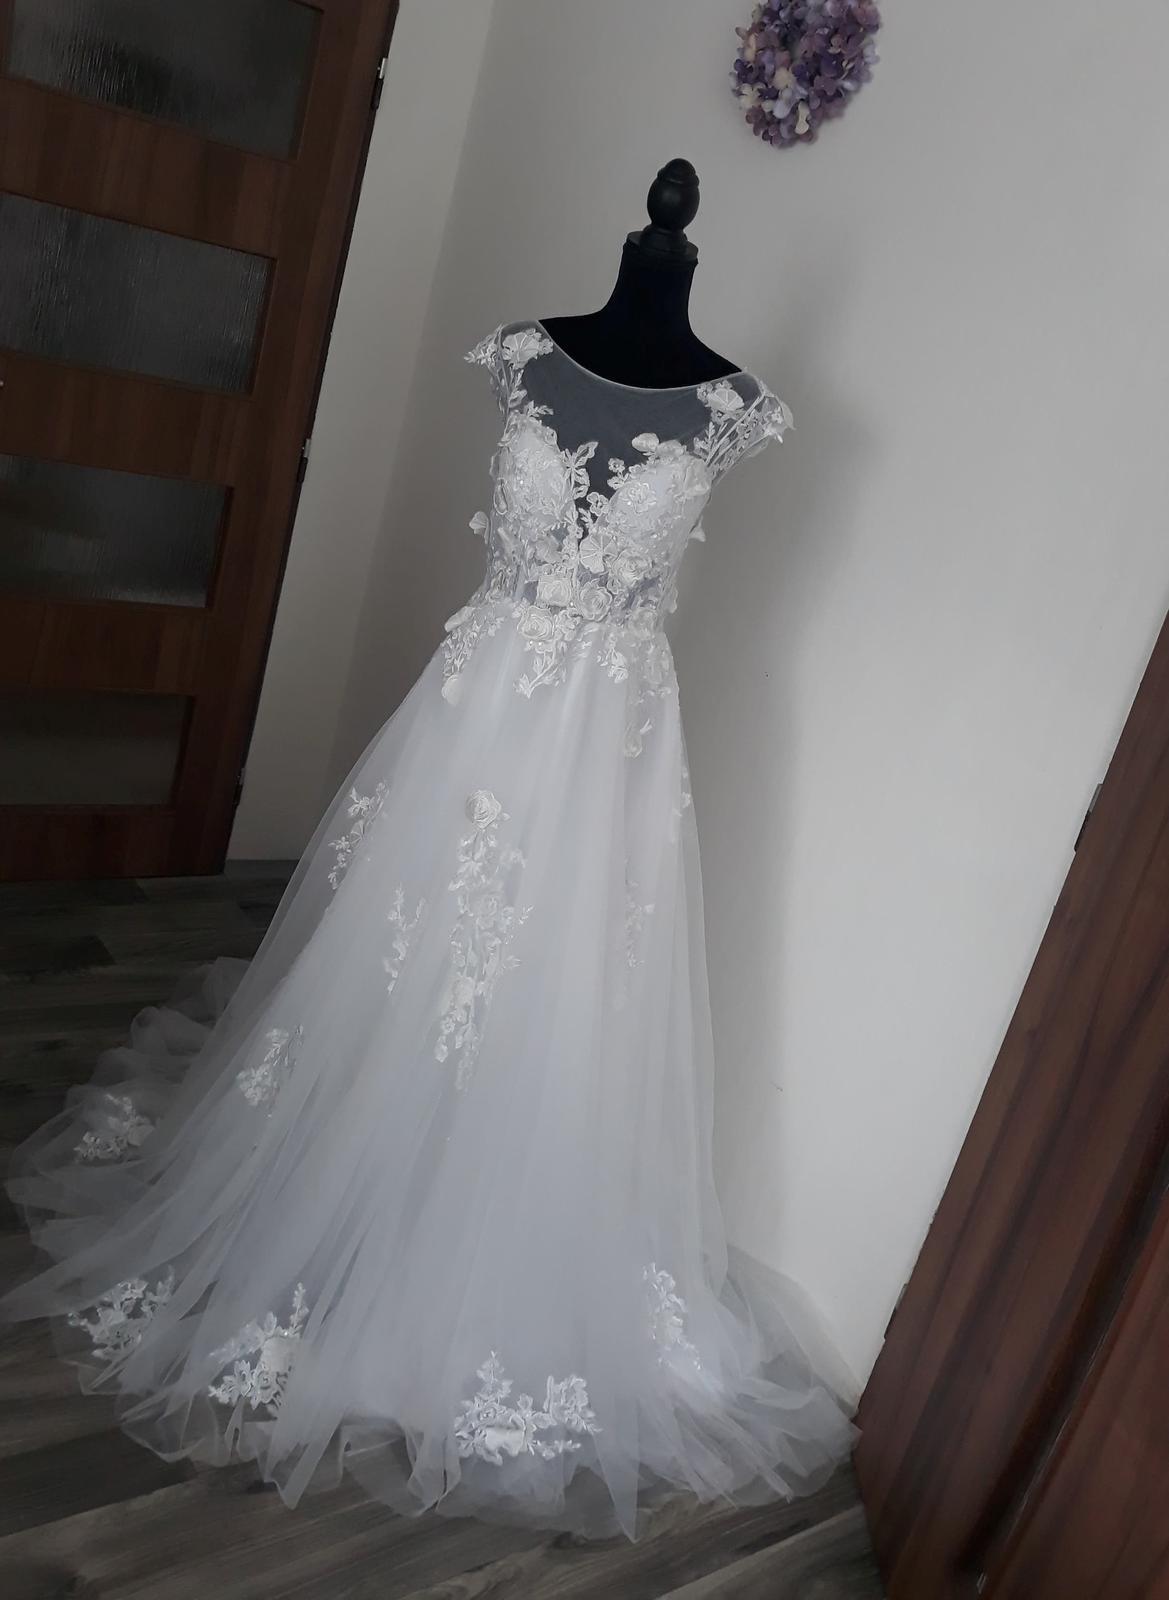 Nové svatební boho šaty- od 2500,- - Obrázek č. 1